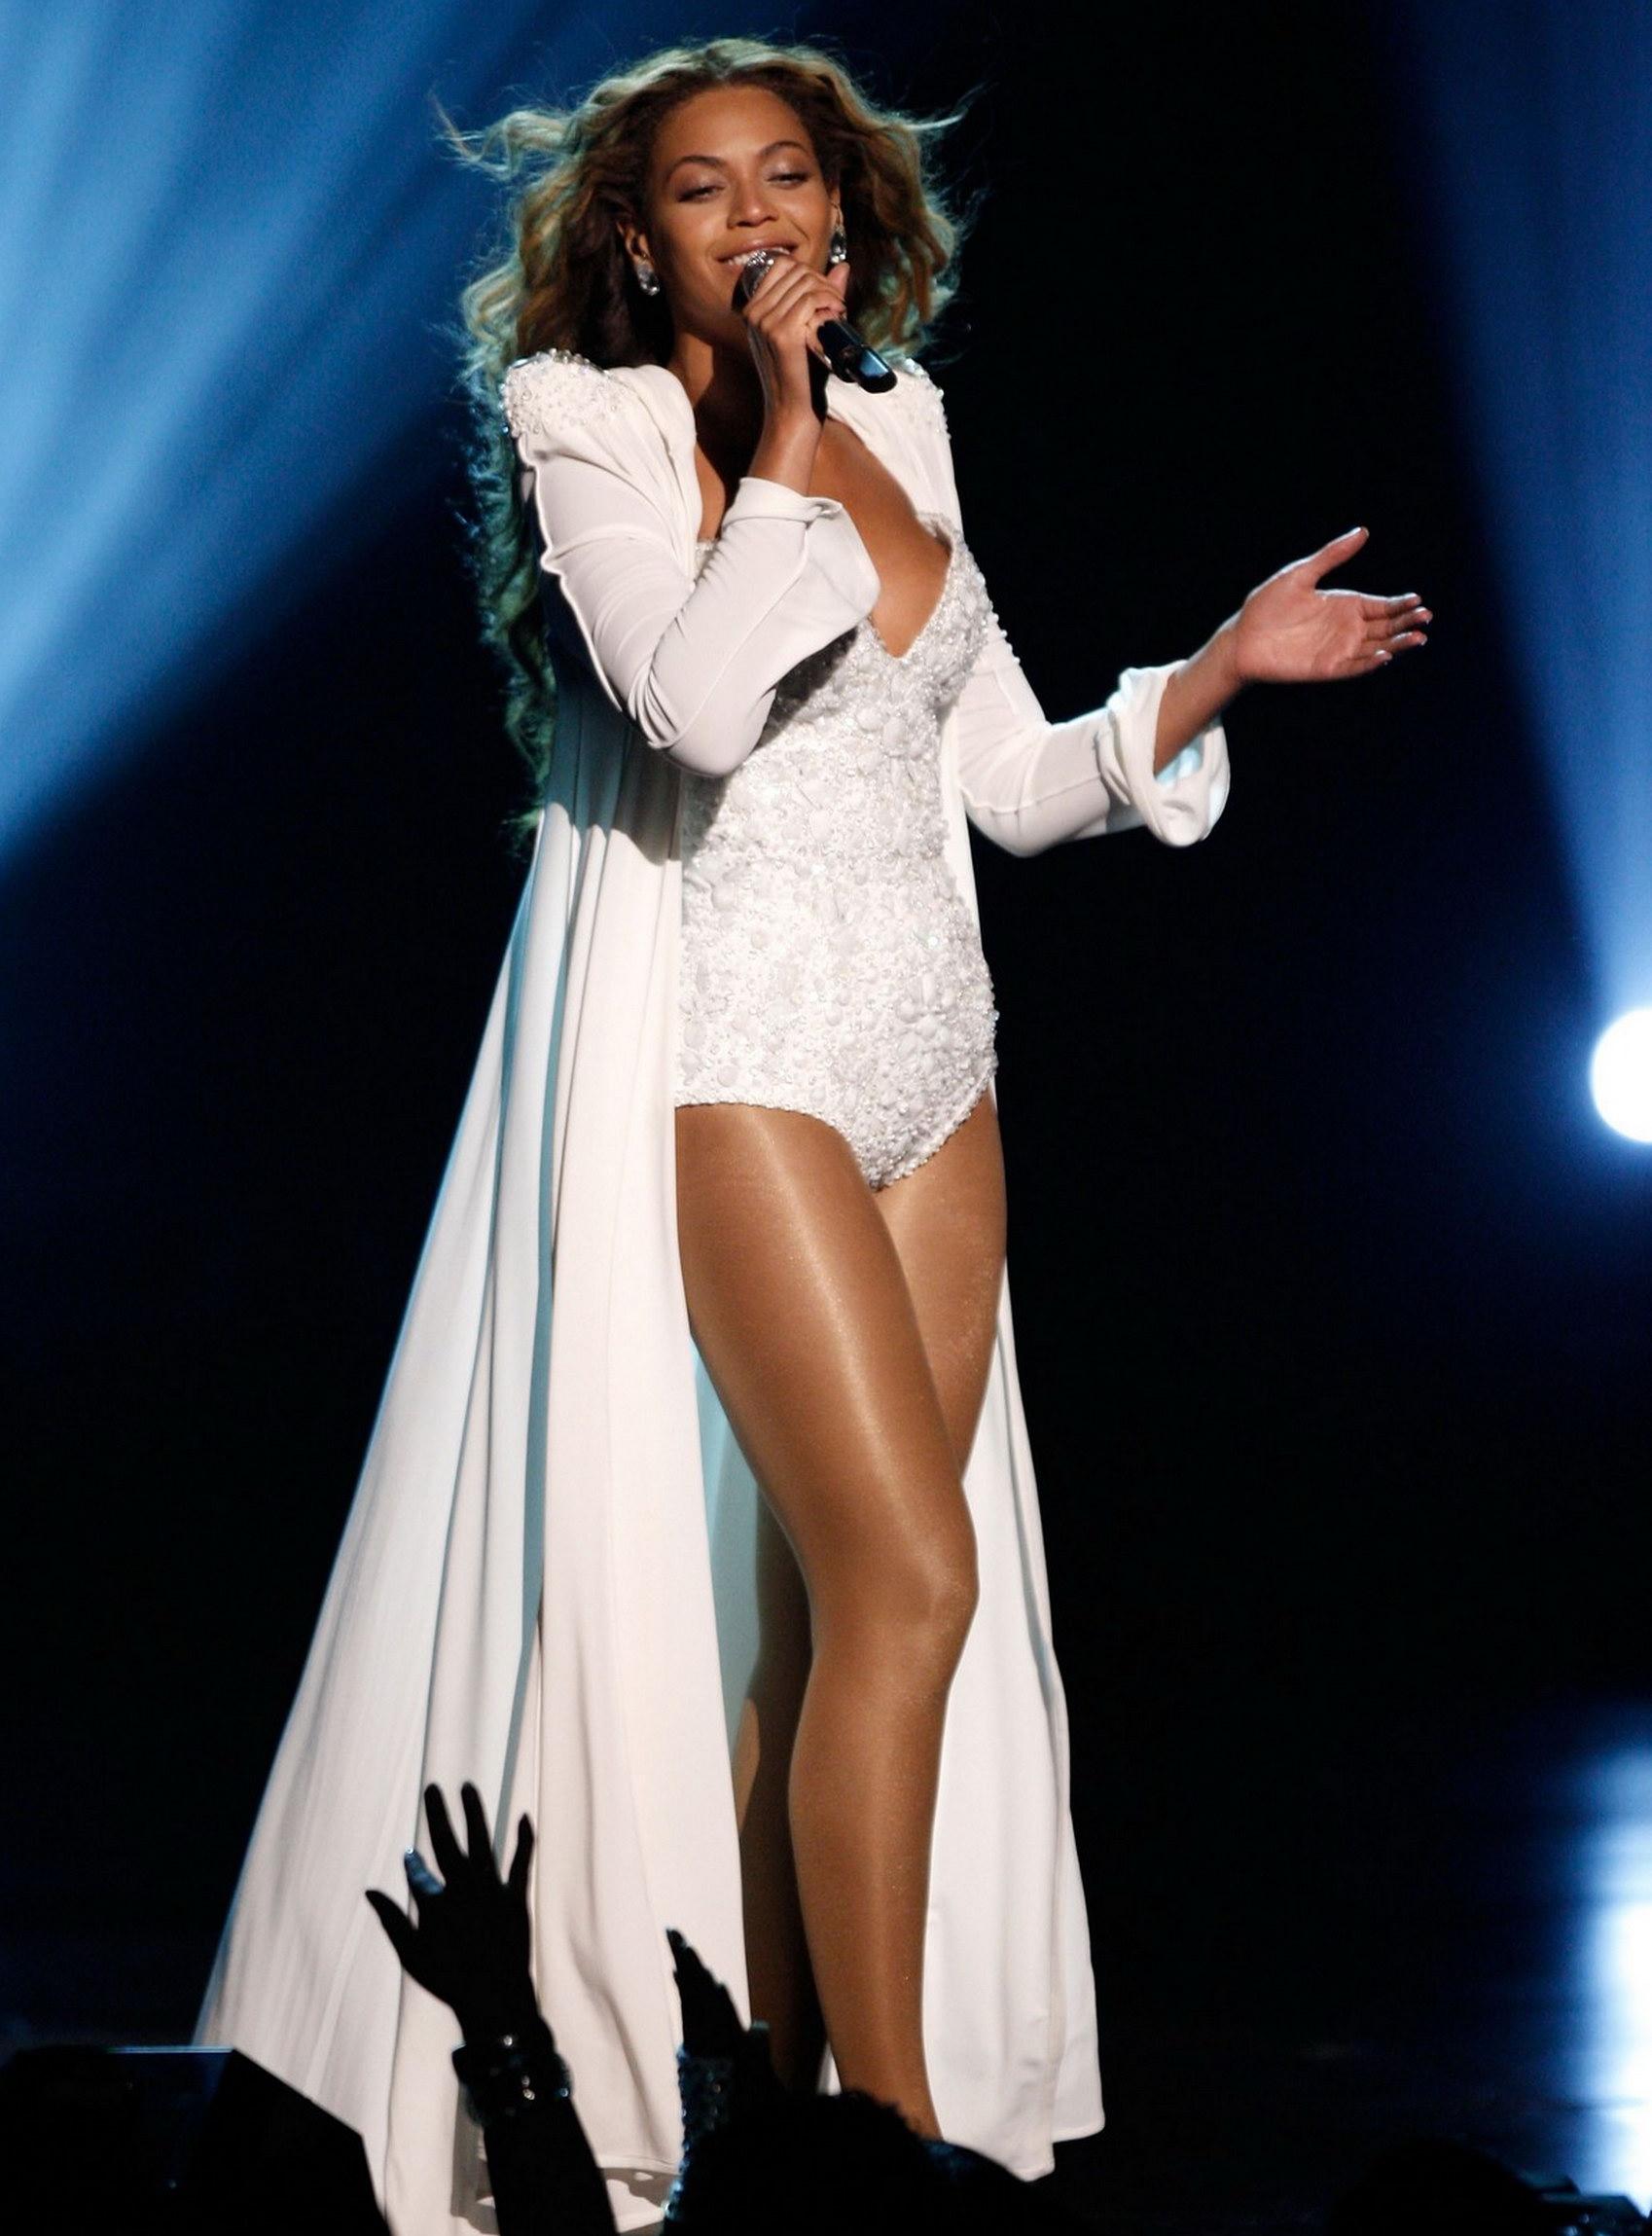 98752_Beyonce_9_122_606lo.jpg